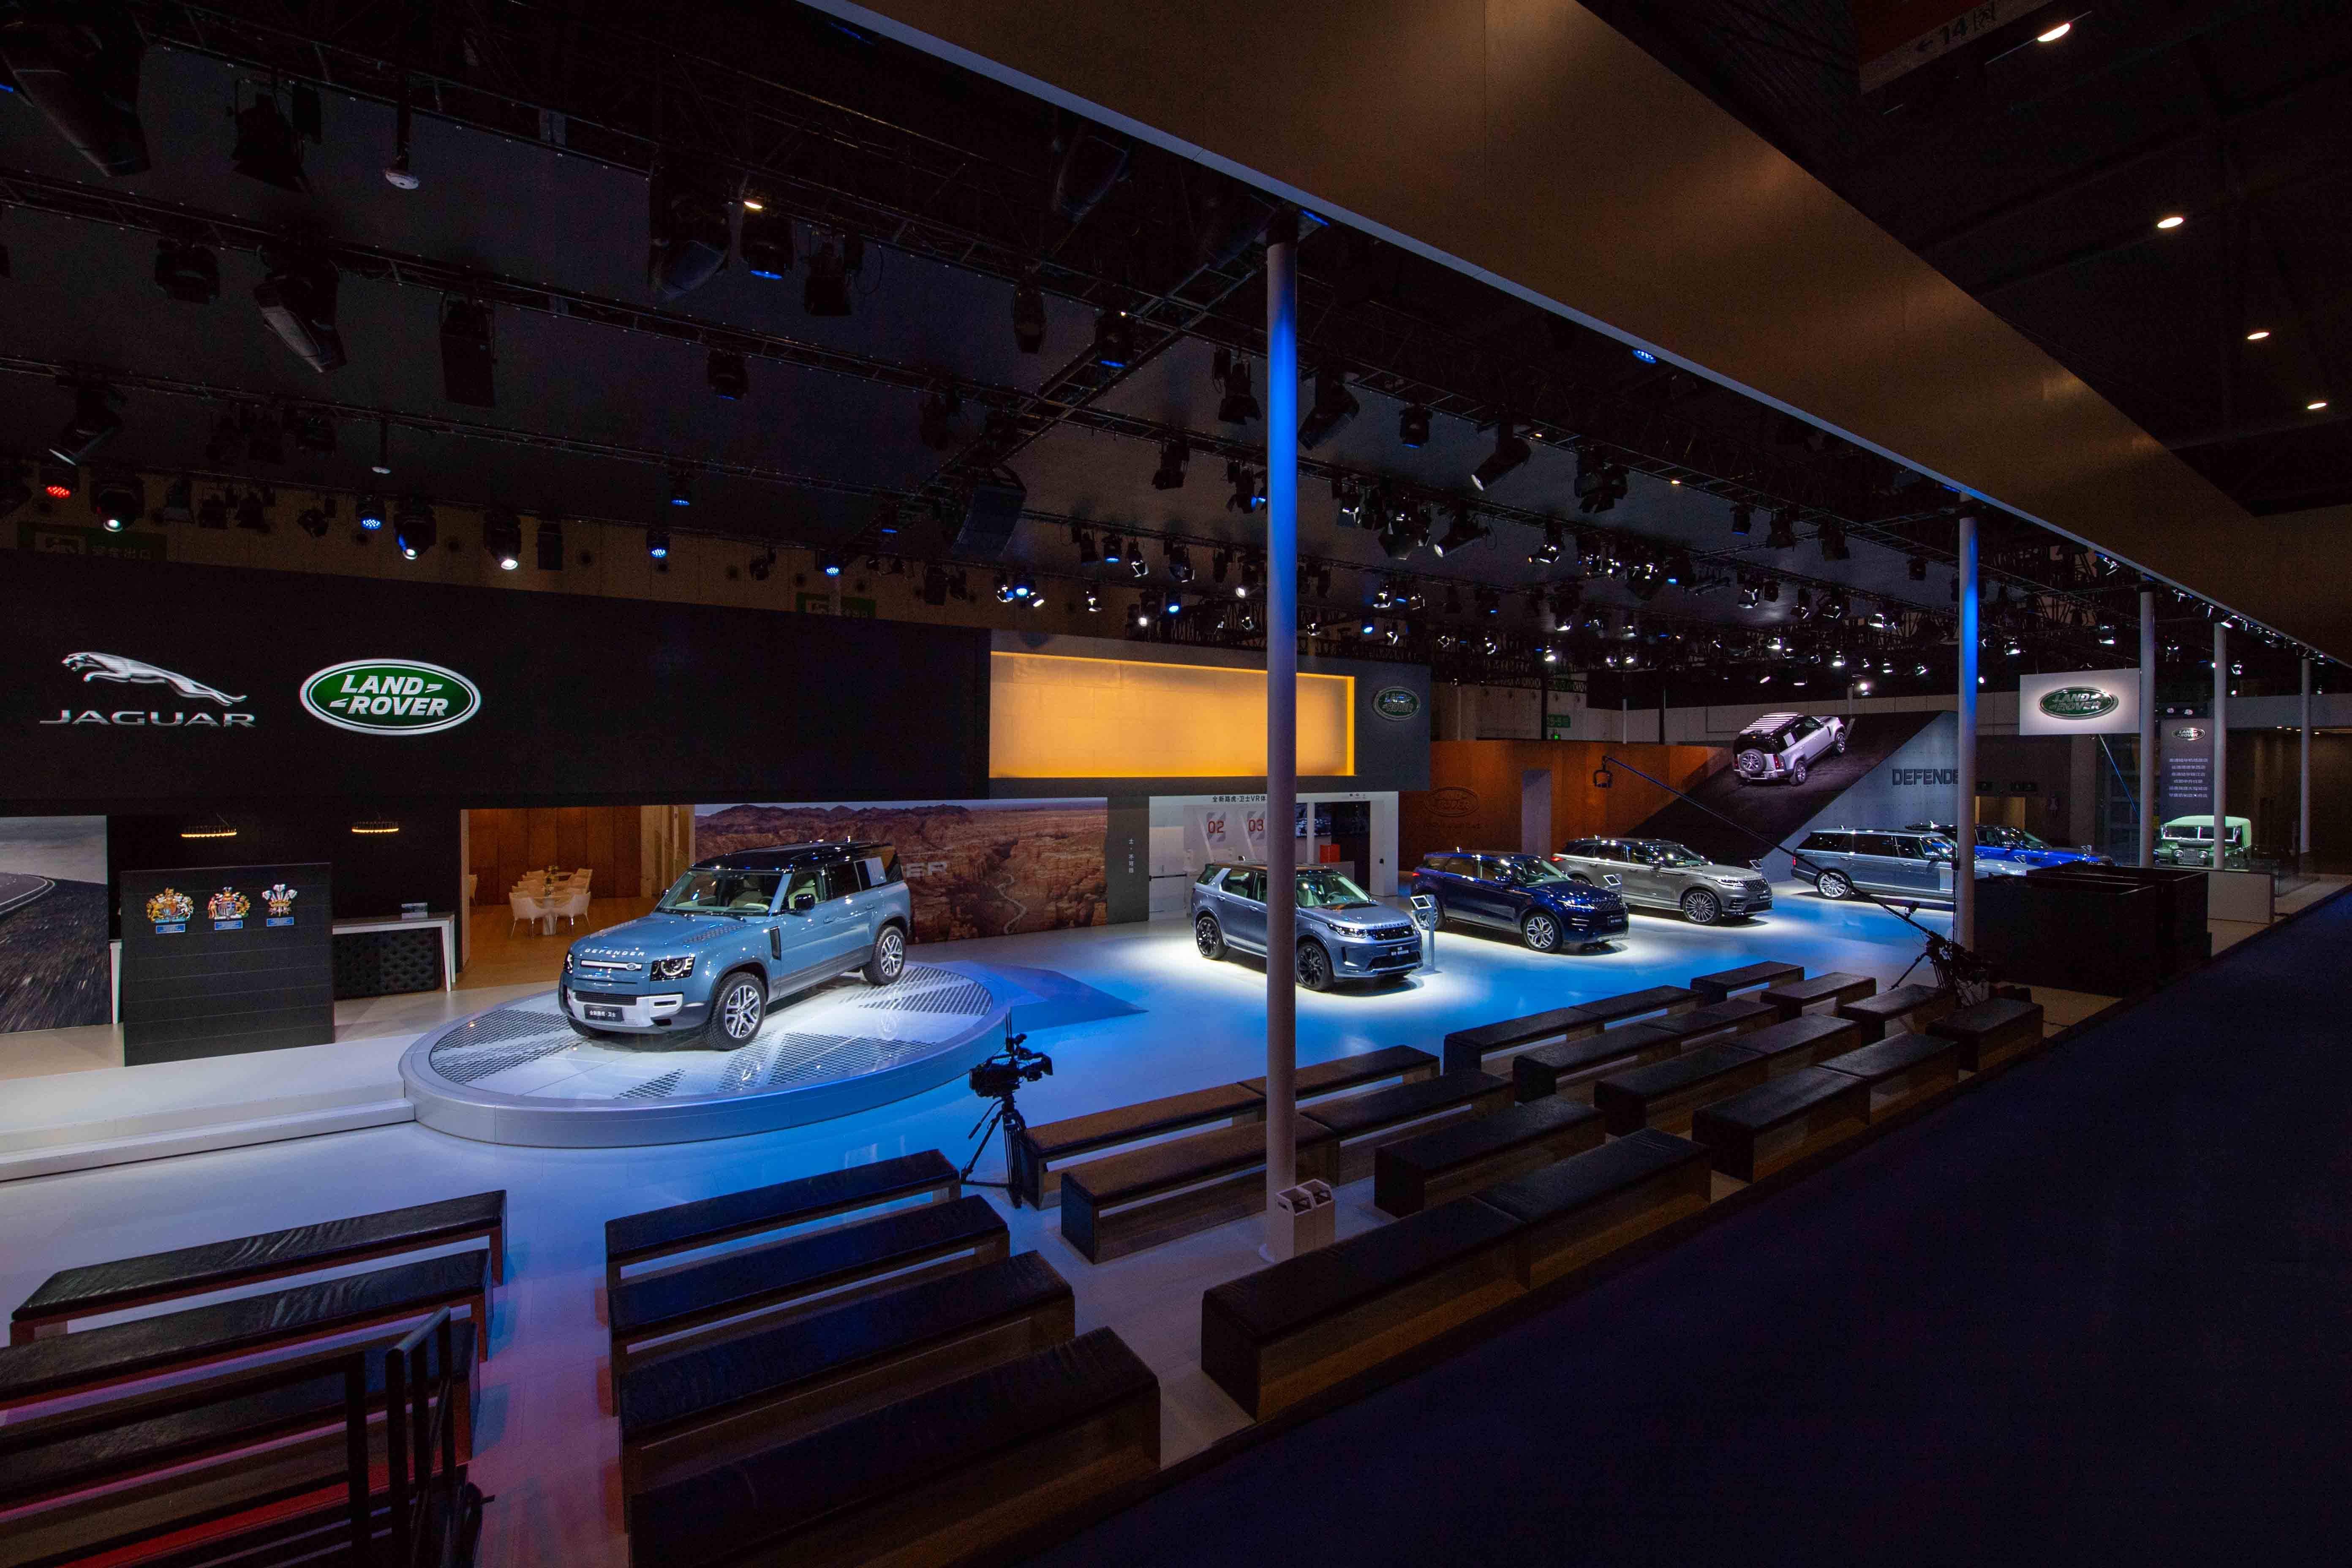 全新路虎卫士110成都车展上市 售价77.8万起